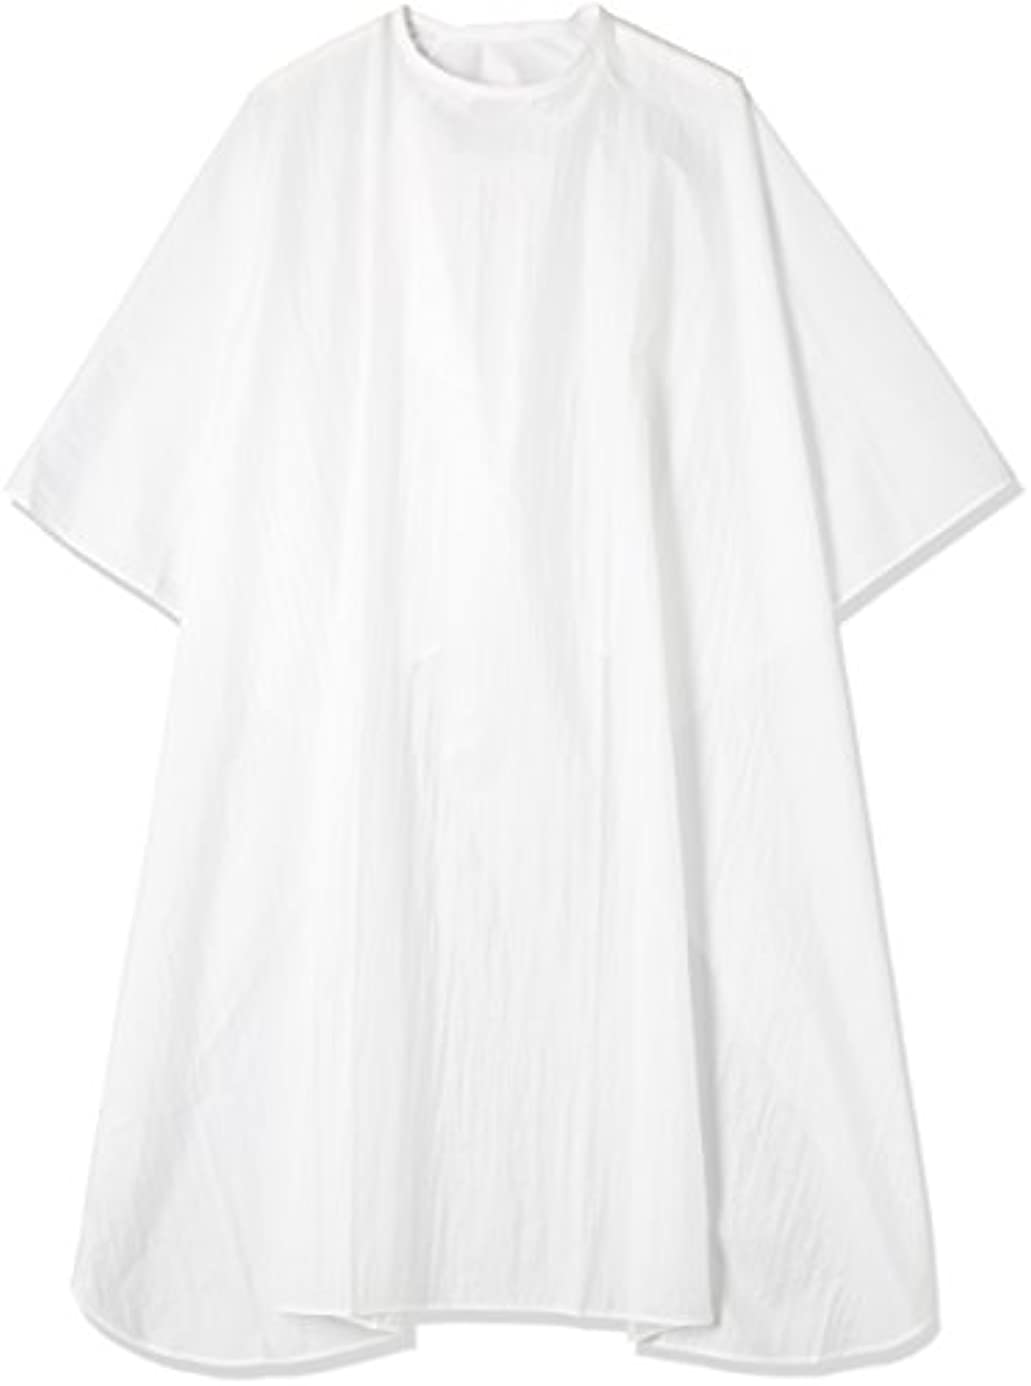 結紮気味の悪い吐き出すエルコ シワカラー袖なしカット ホワイト60